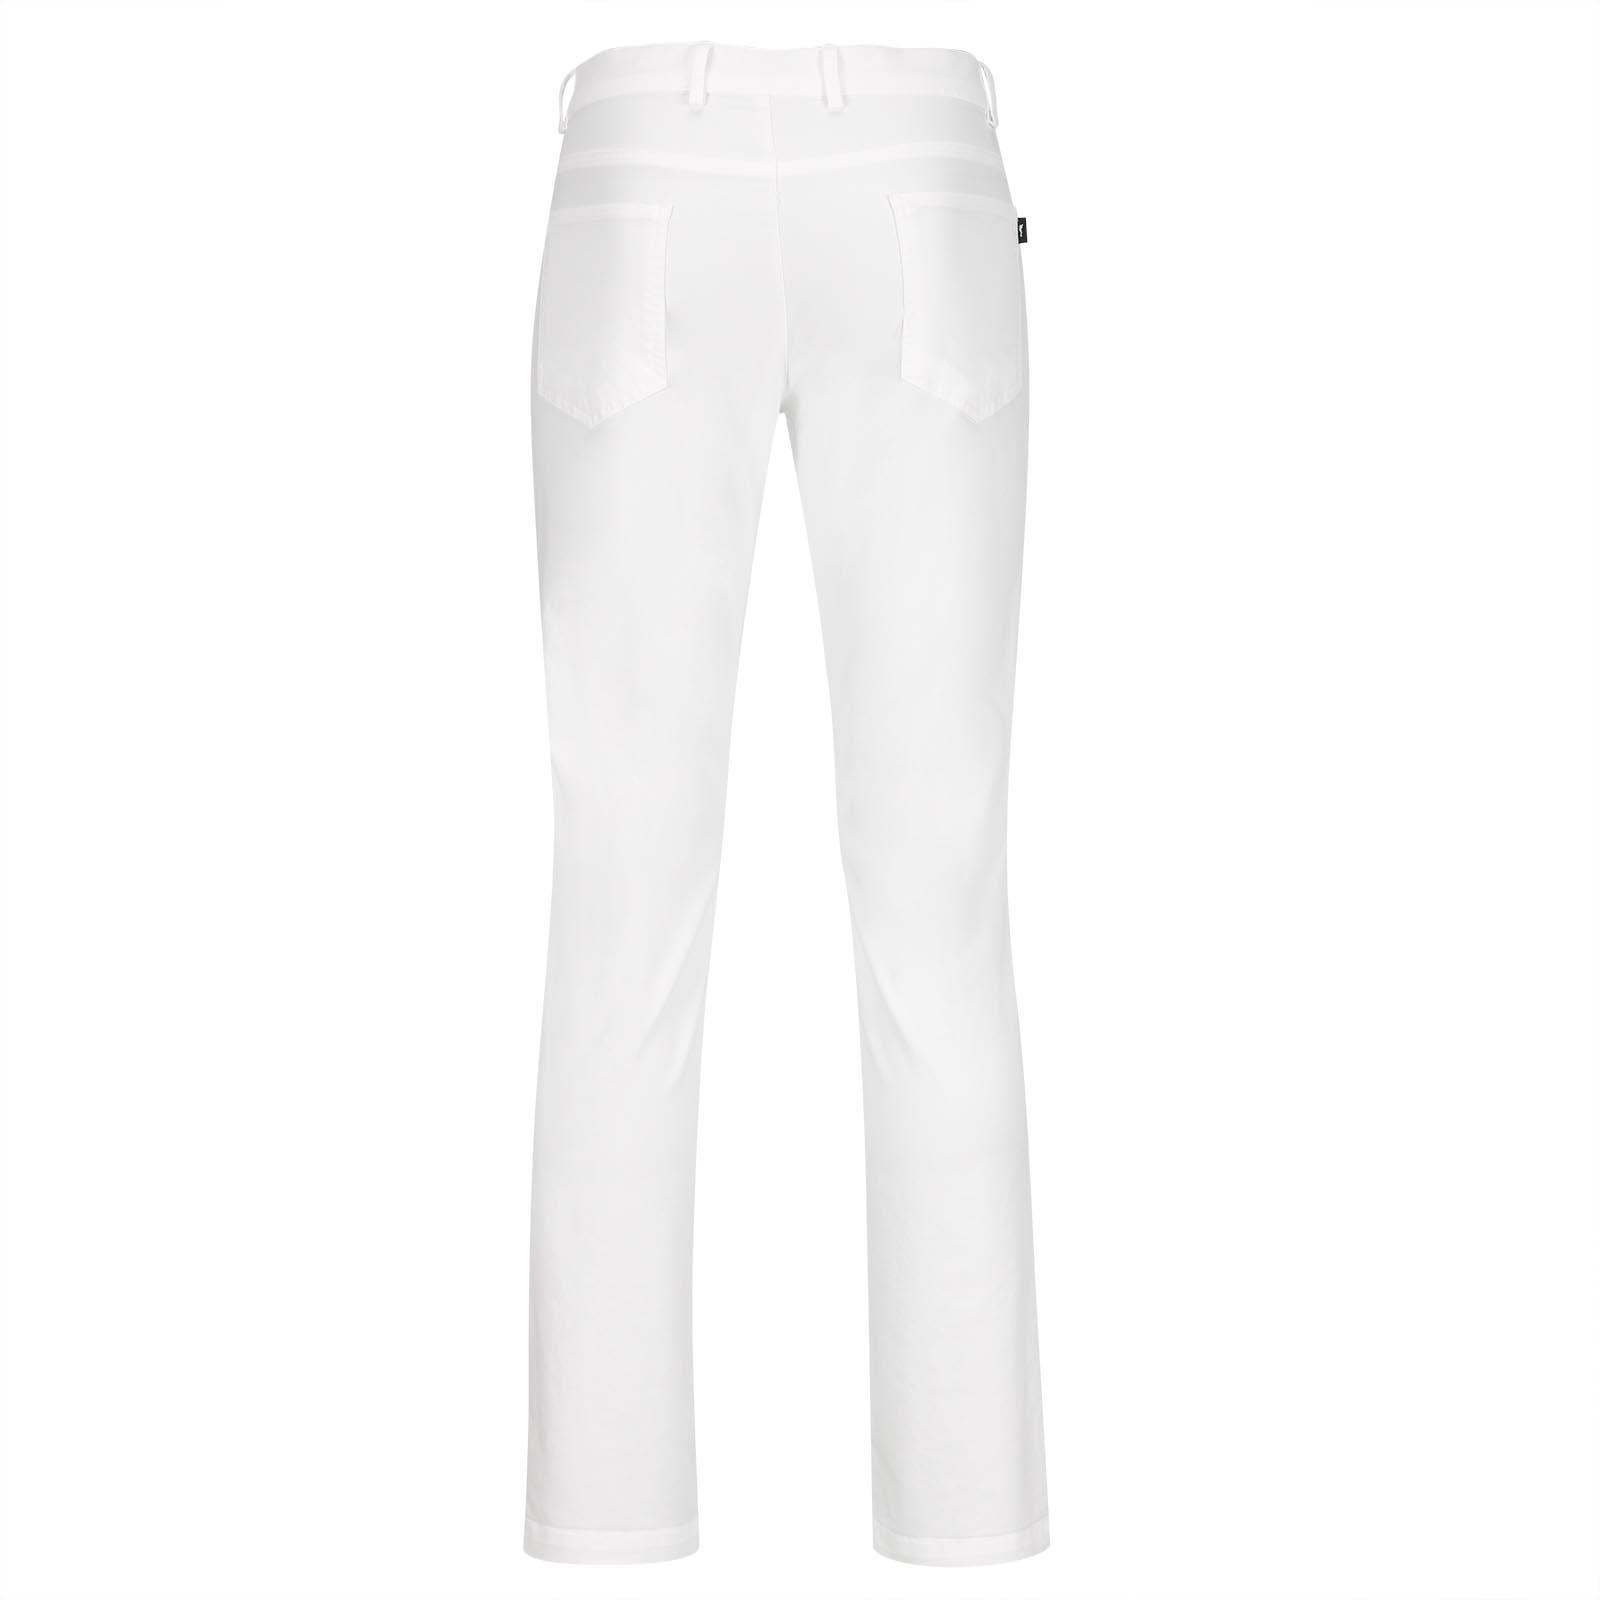 Baumwoll-Mix Herren Golfhose mit Stretchanteil und moderner Passform